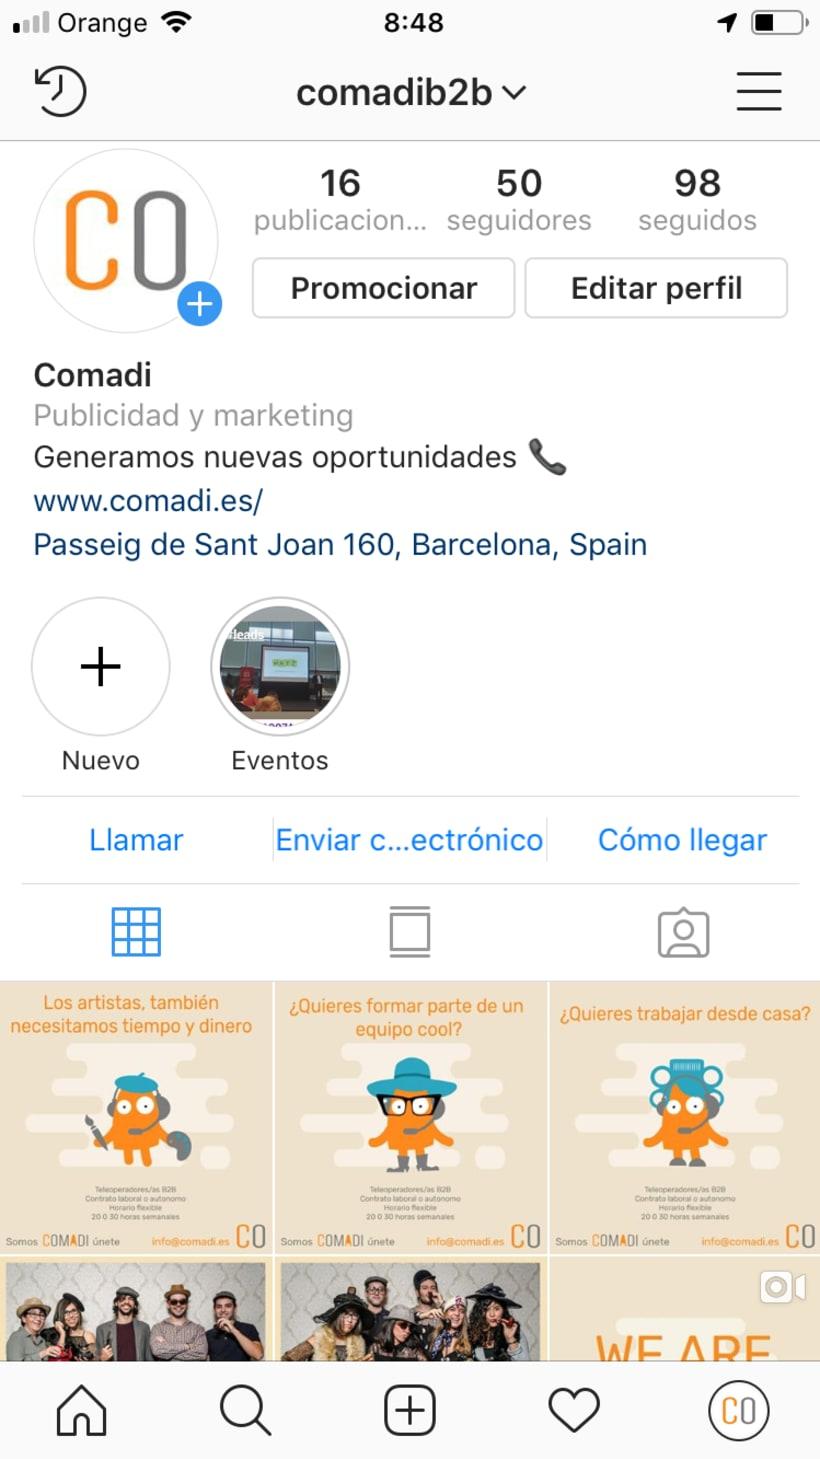 Mi Proyecto del curso: Introducción al marketing digital en Instagram 0